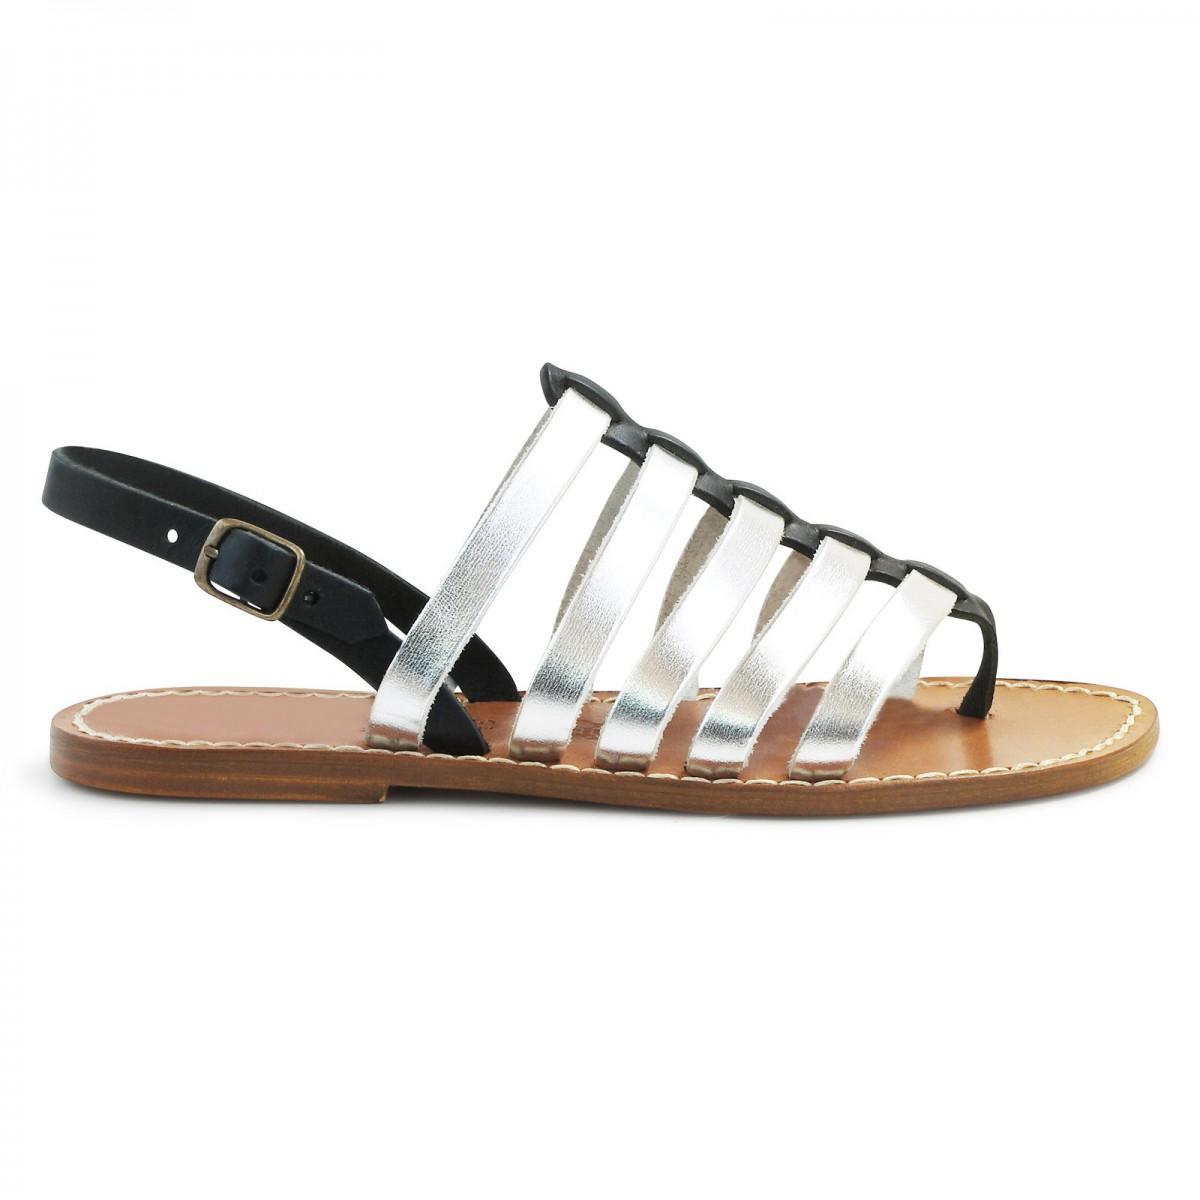 obtener nueva comprar online el precio más bajo Sandalias de cuero para mujer color negro y plata